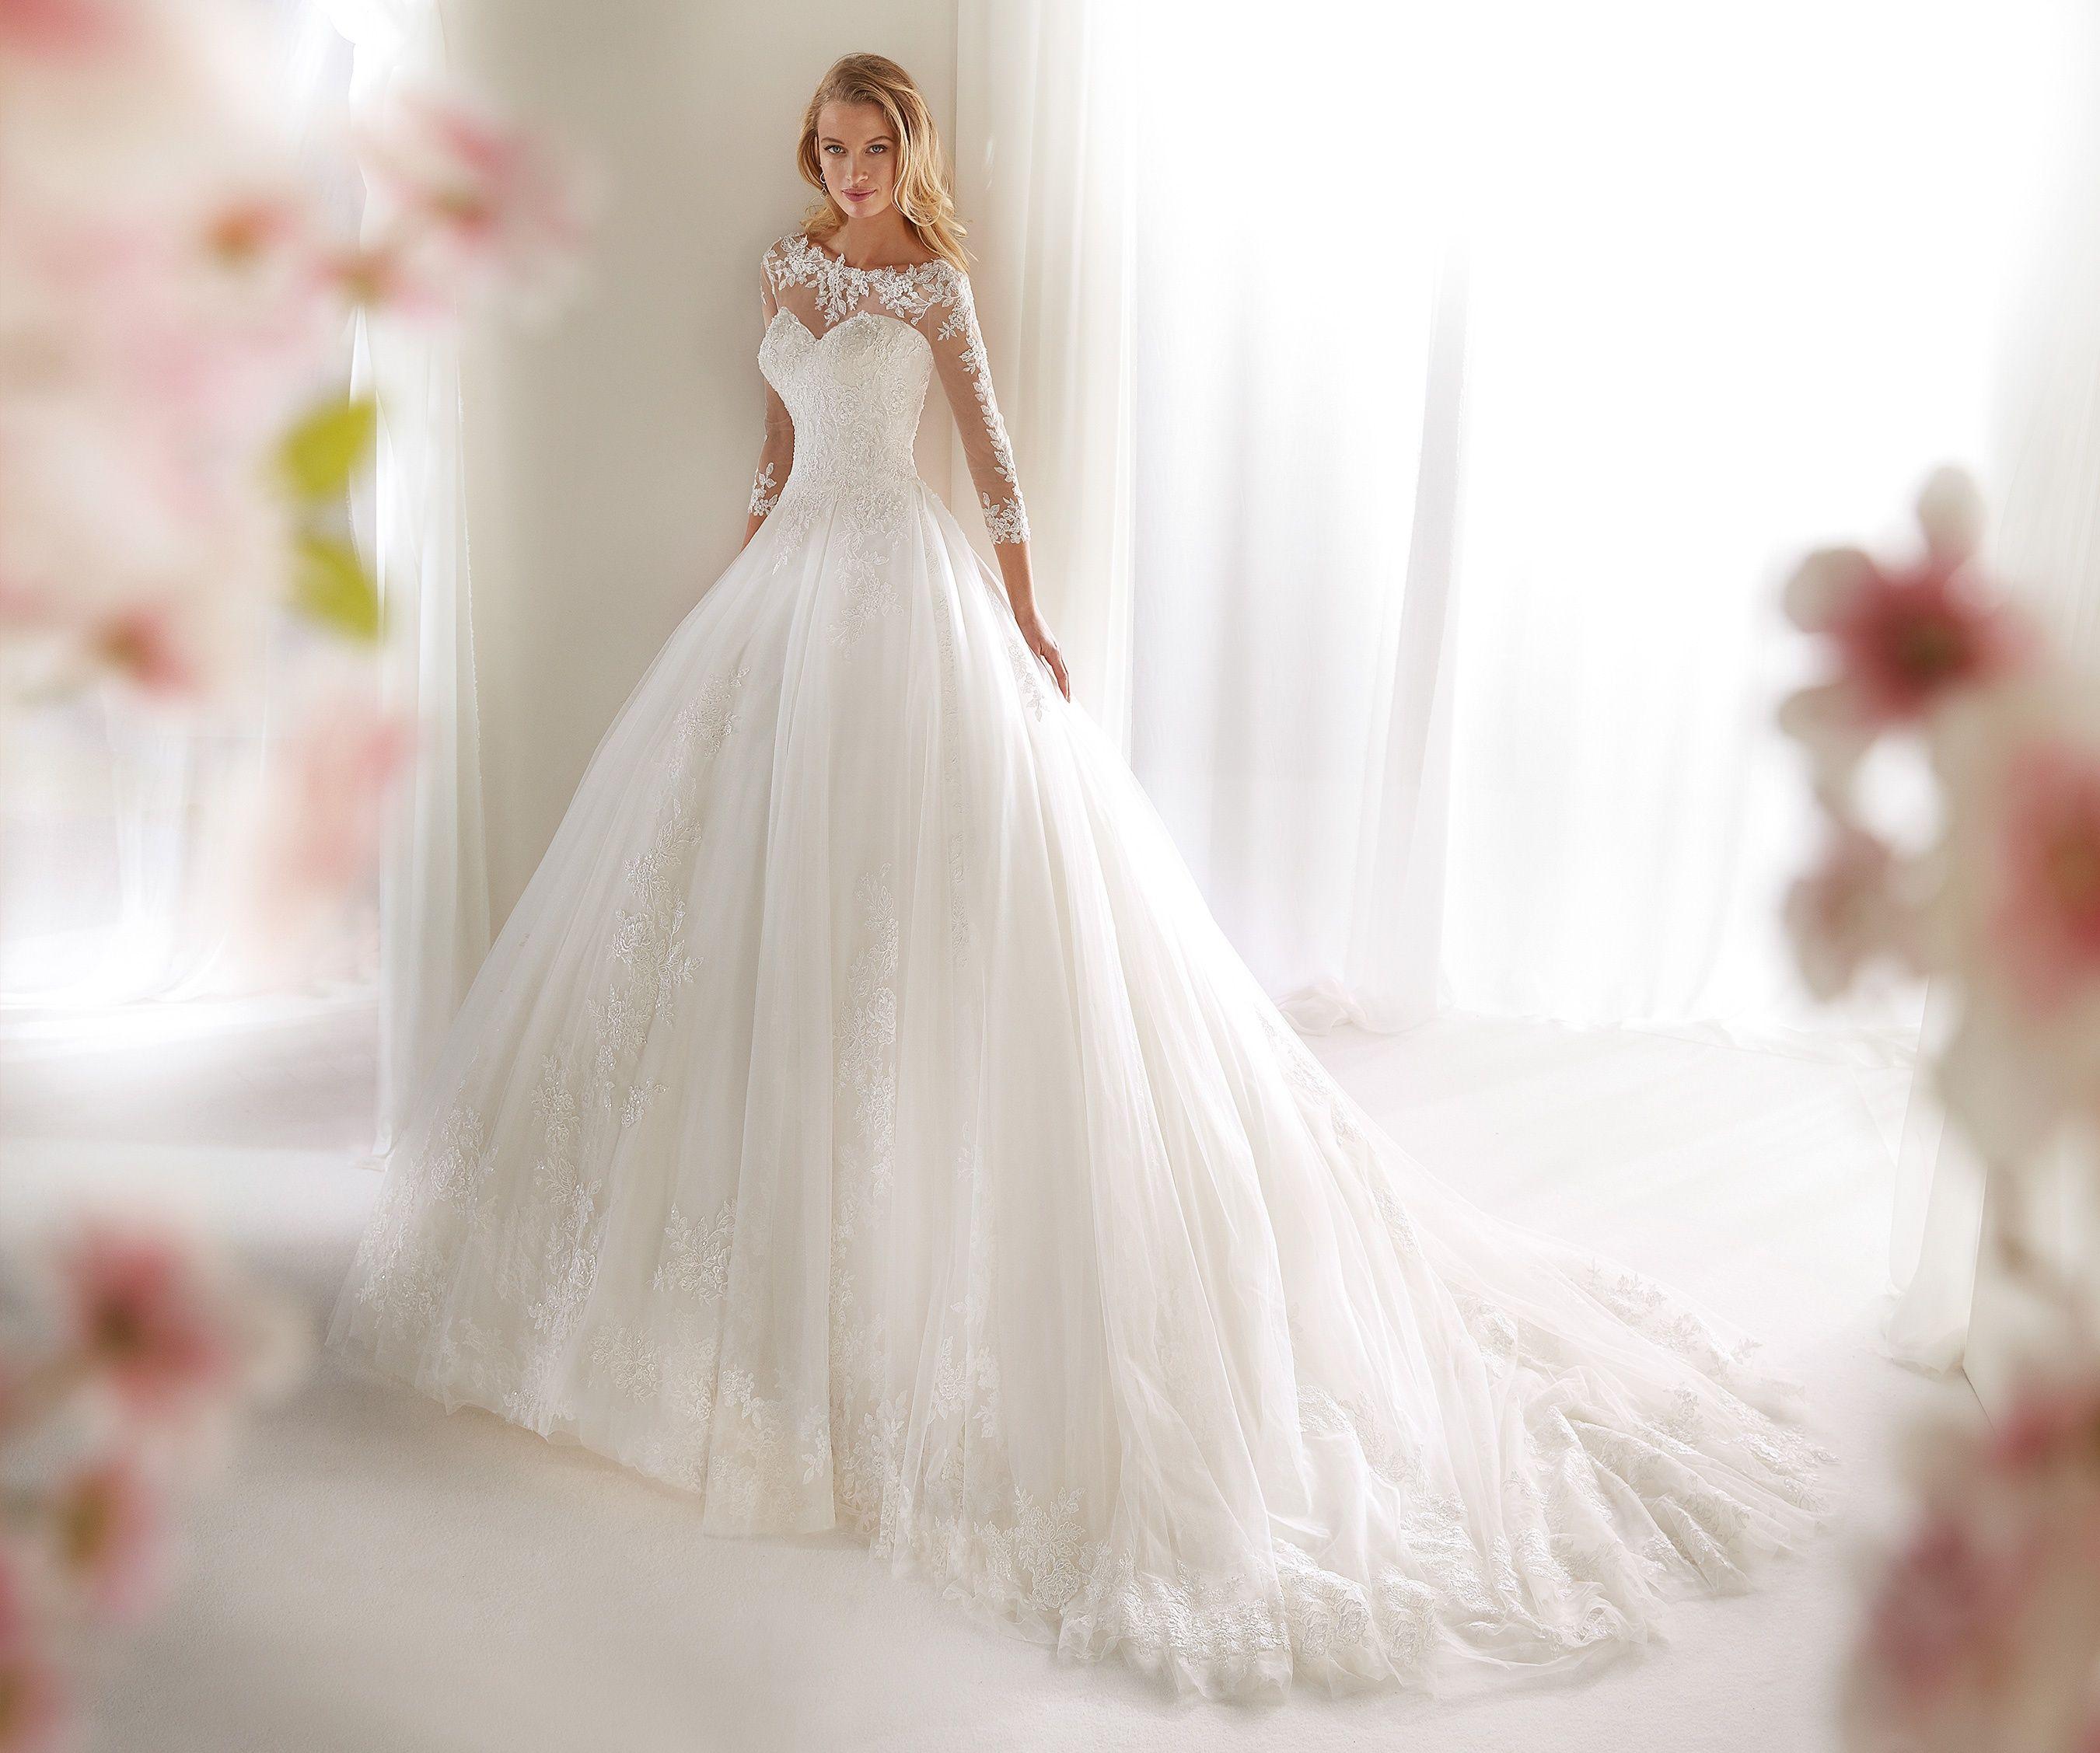 Abiti Da Sposa Colet.Abito Da Sposa Colet Coab19210 2019 F Gowns 2019